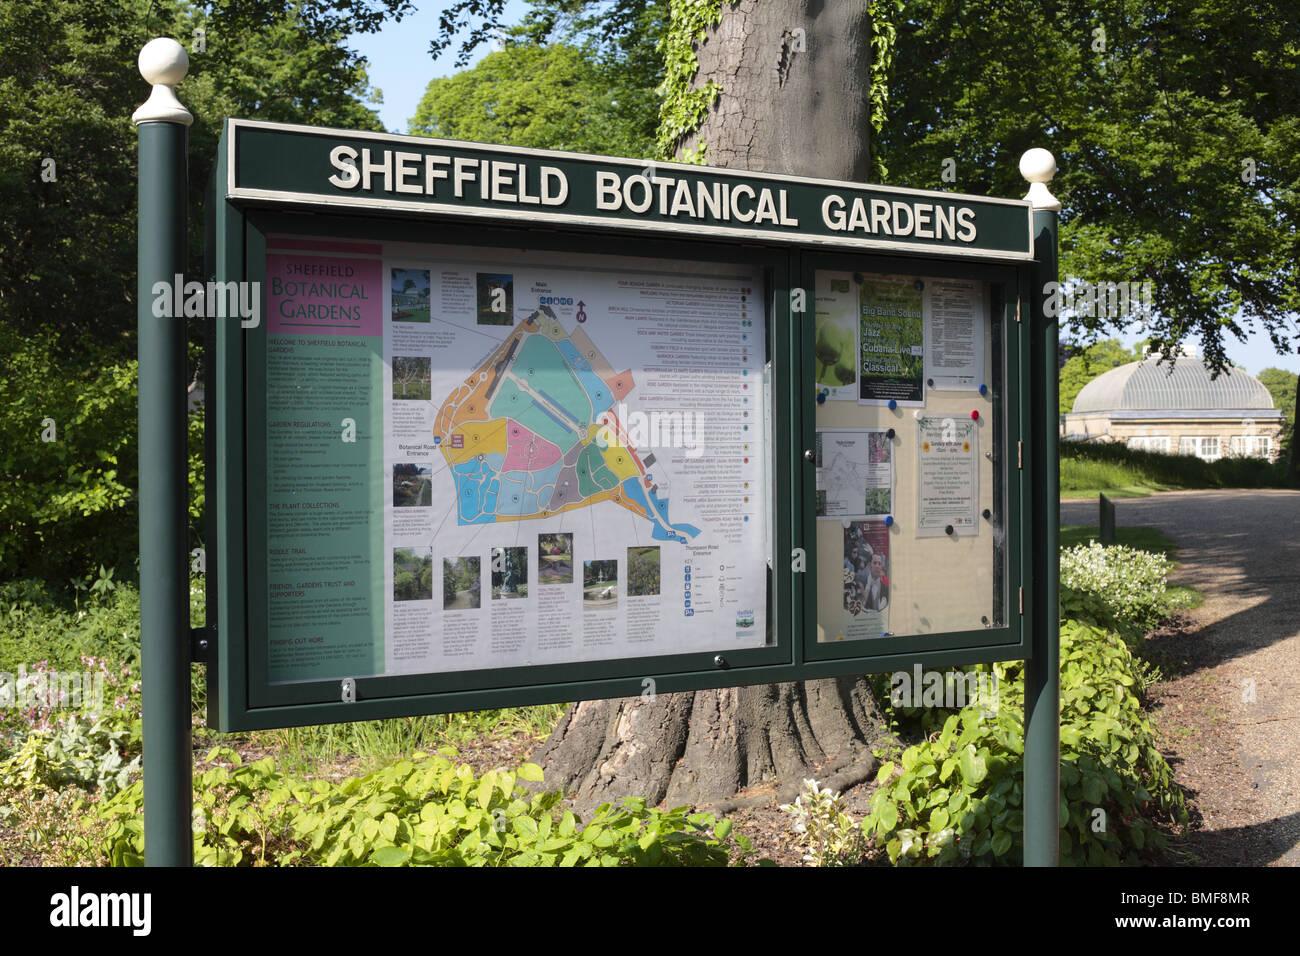 Sheffield Botanical Gardens - Stock Image